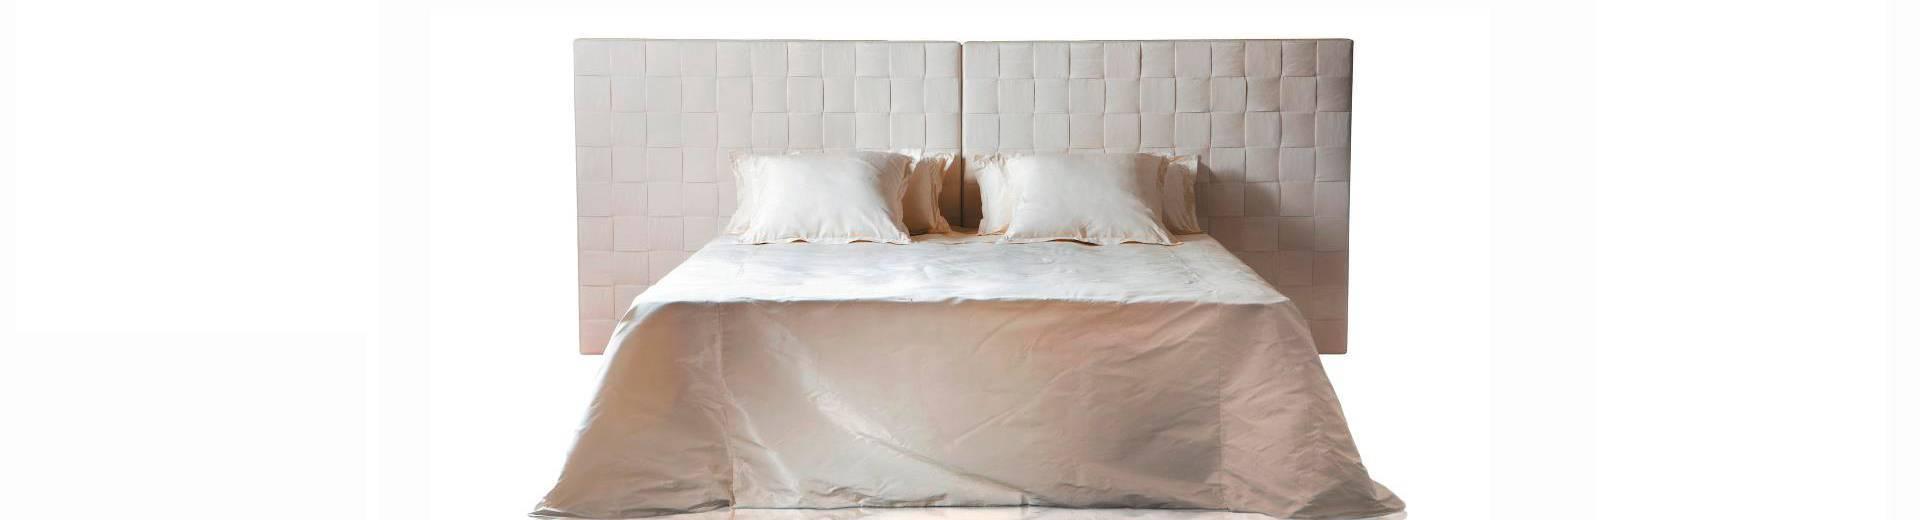 Comprar cabezales de cama en forja tapizados y en madera - Cabezales de cama de madera ...